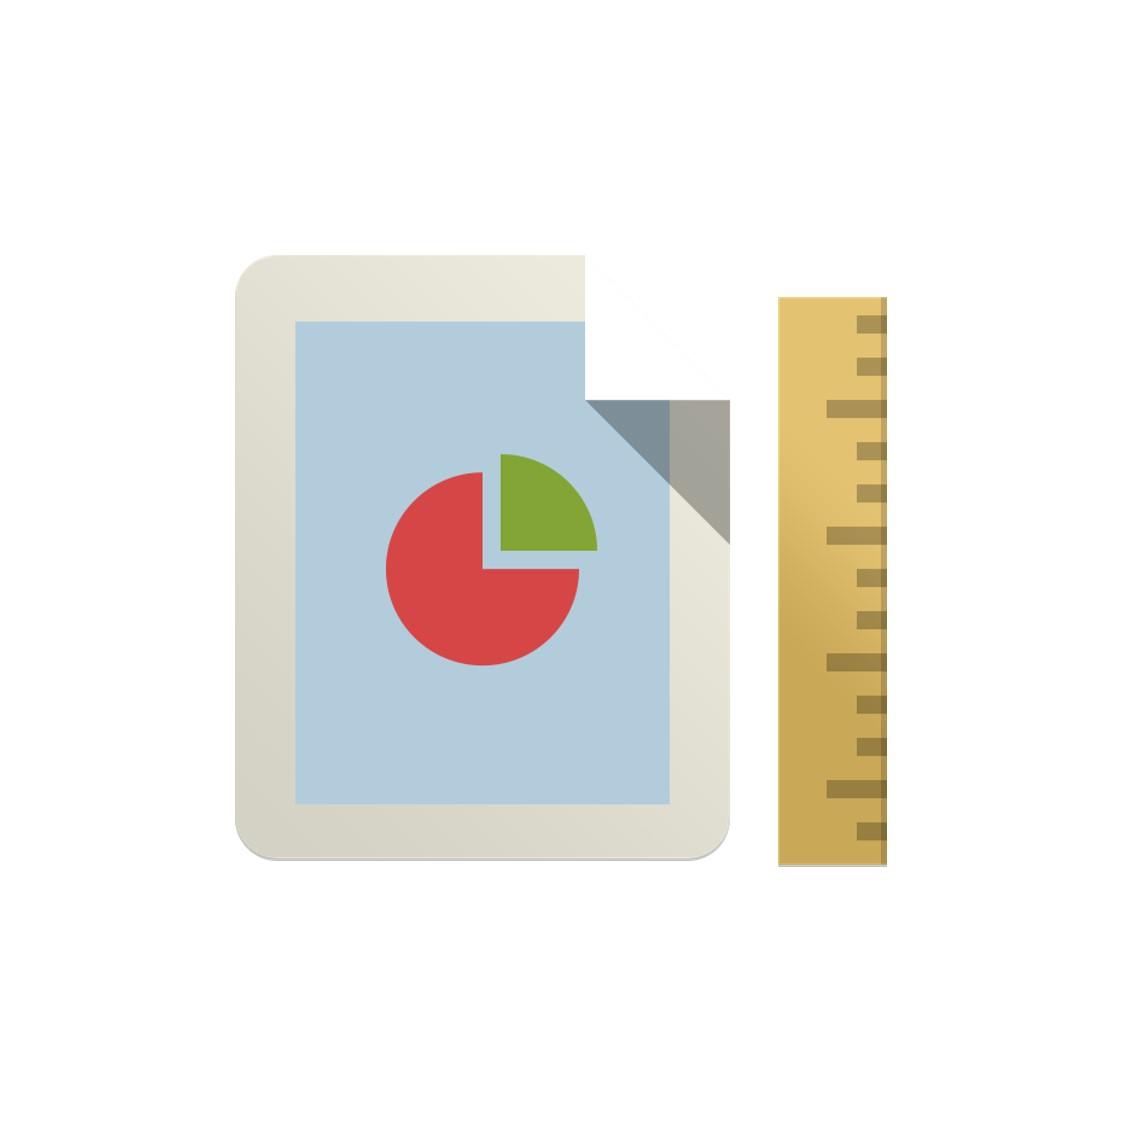 報表管理及數據分析